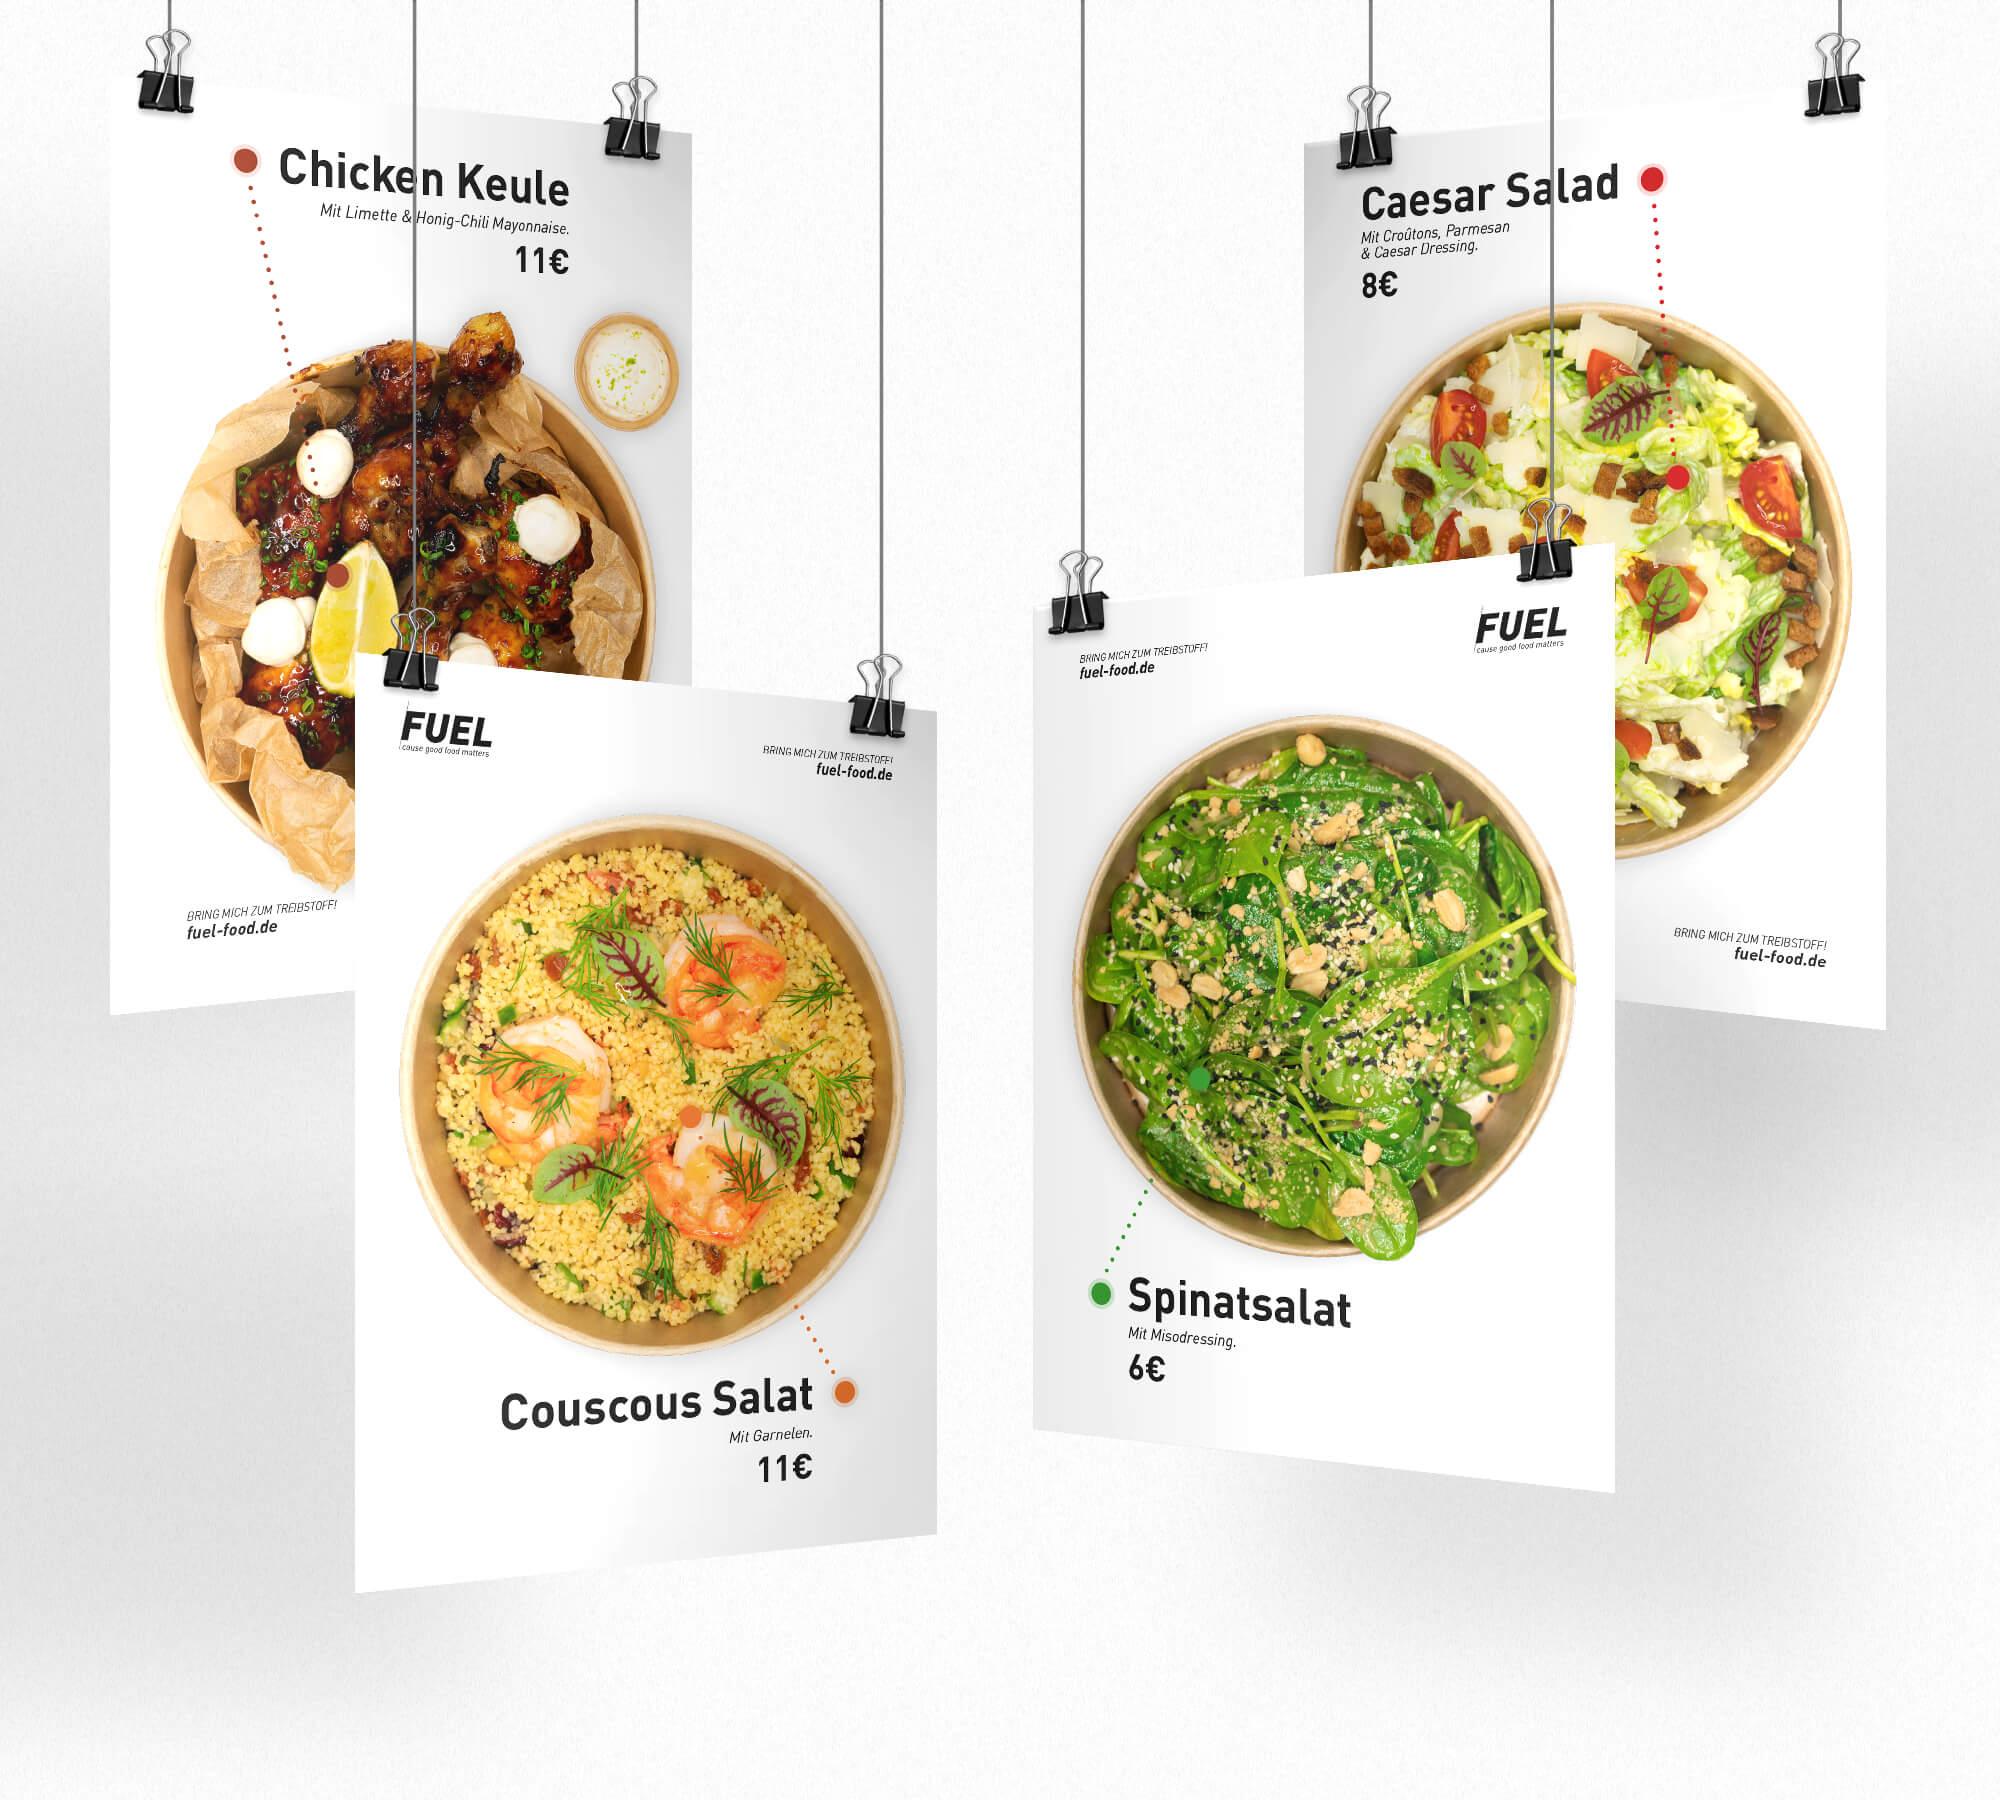 Schau und Horch Plakat Fuel 4 - corporate identity